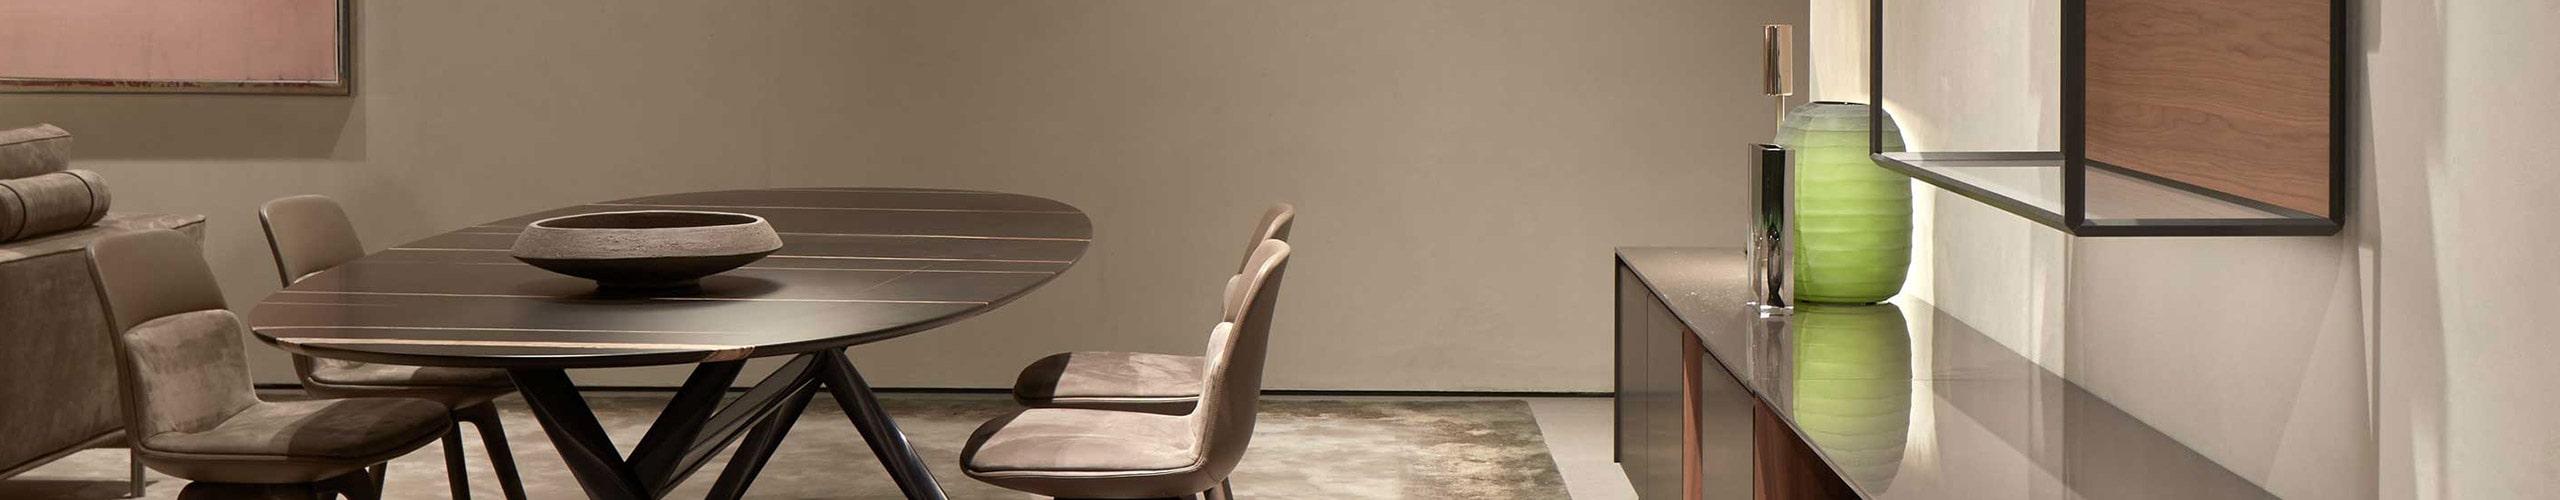 tavoli-design-lusso-legno-marmo-lecce-brindisi-taranto